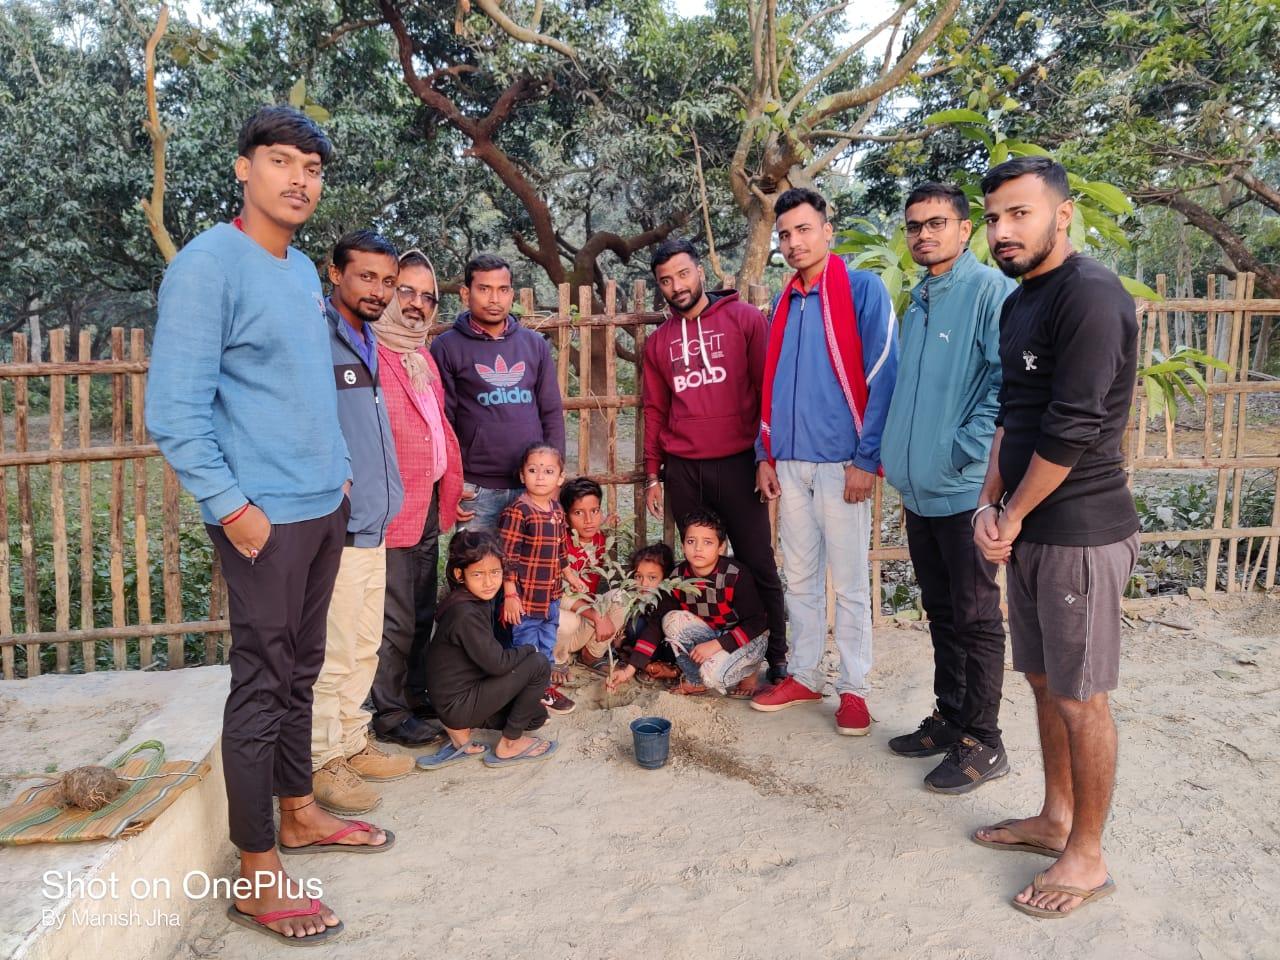 मधेपुरा:जन्मदिवस सरस्वती सेवा सदन रामपट्टी मे वृक्षारोपण करके मनाया, जिला भर में हो रही चर्चा